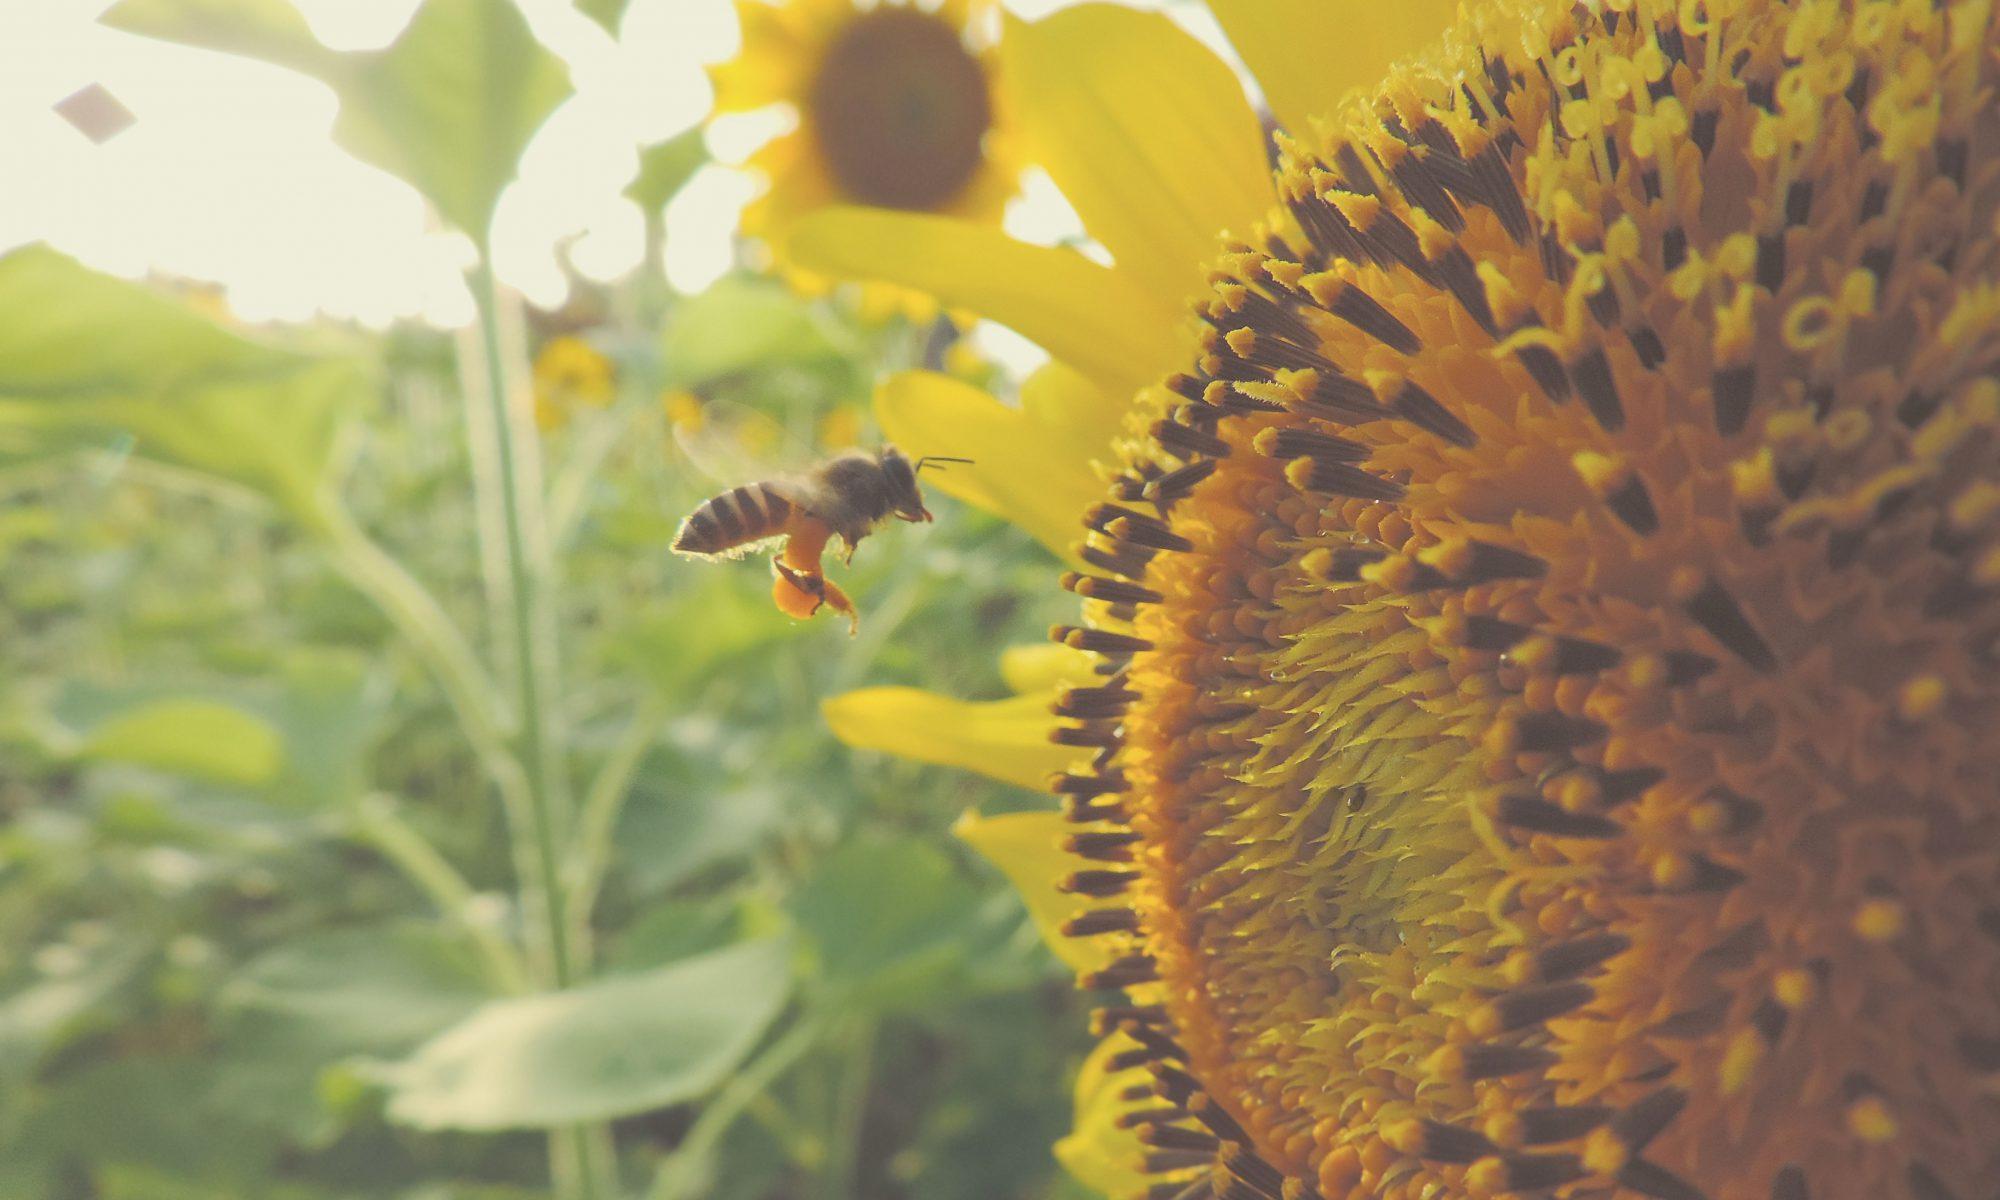 Insektensterben und Artenschwund stoppen fordern die Grünen. Das Massensterben von Bienen und anderen Insekten hat langfristig hohe ökonomische Folgen.